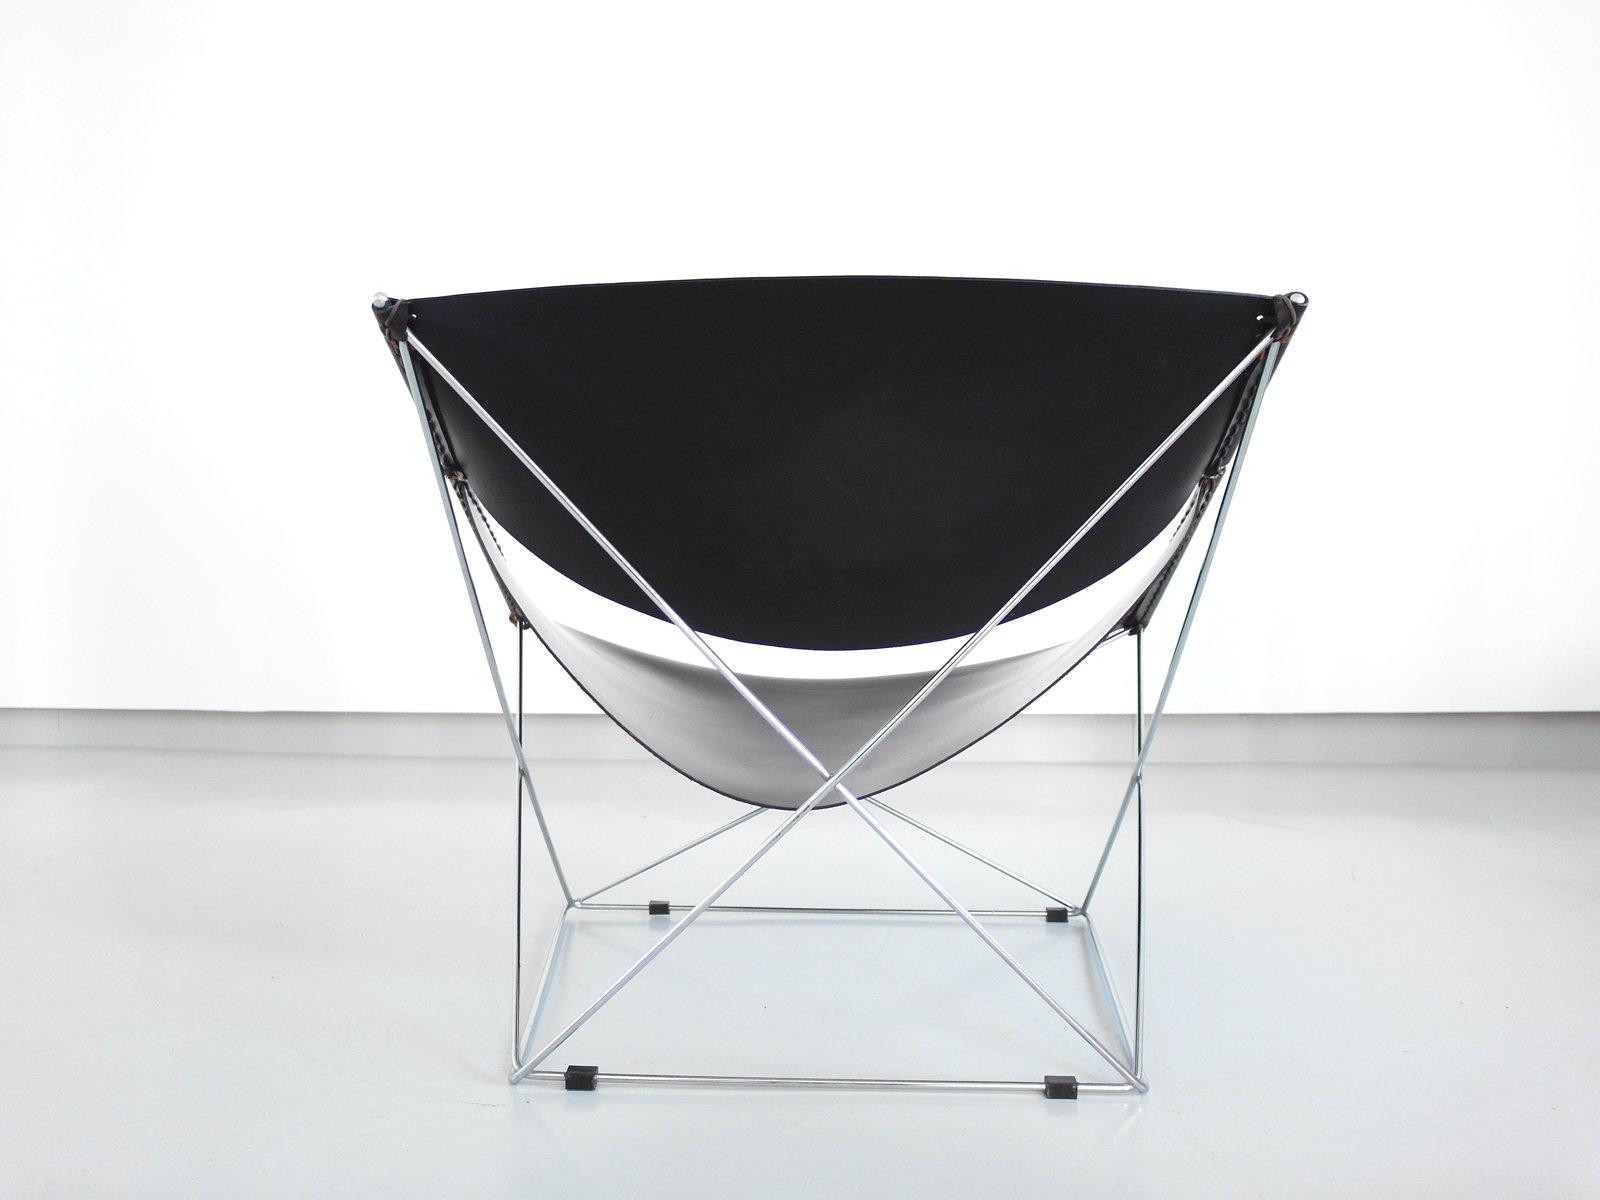 fauteuil butterfly par pierre paulin pour artifort 1971 en vente sur pamono. Black Bedroom Furniture Sets. Home Design Ideas